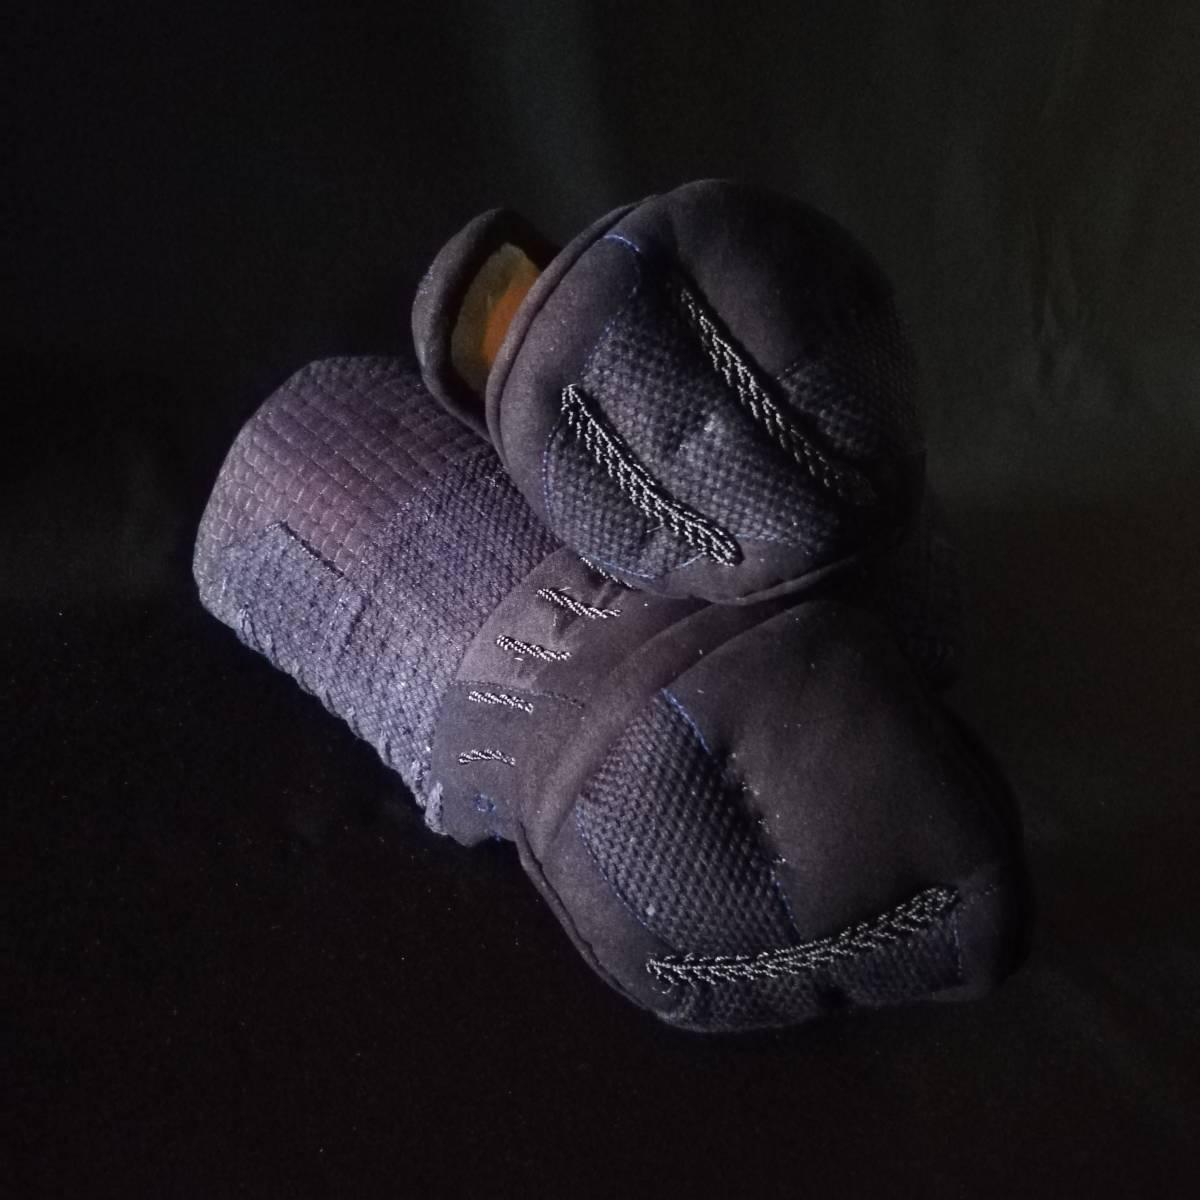 月産限定10セット オーダーメイド織刺2.5分手刺セット 選べる内輪素材 布団の長さ幅もお好みで 子供用可 _右小手頭緩衝材多めもできます